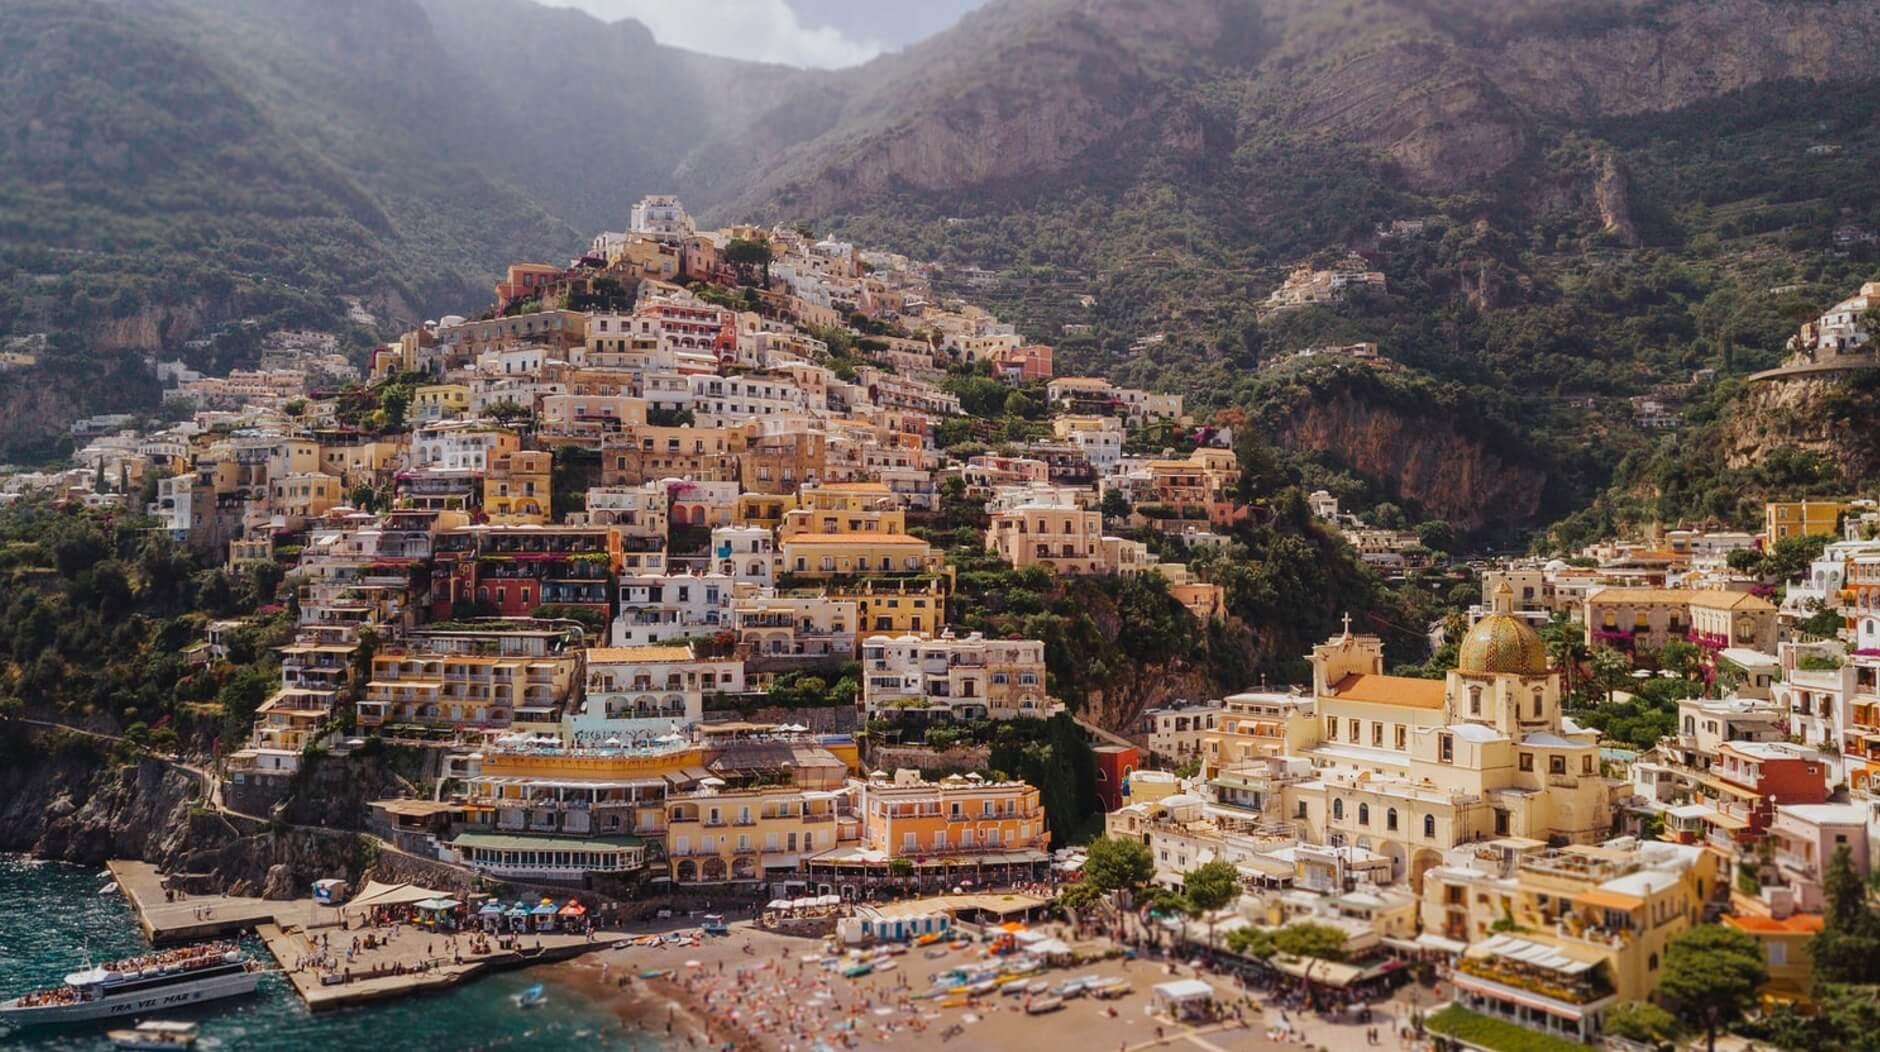 Spiagge Costiera Amalfitana